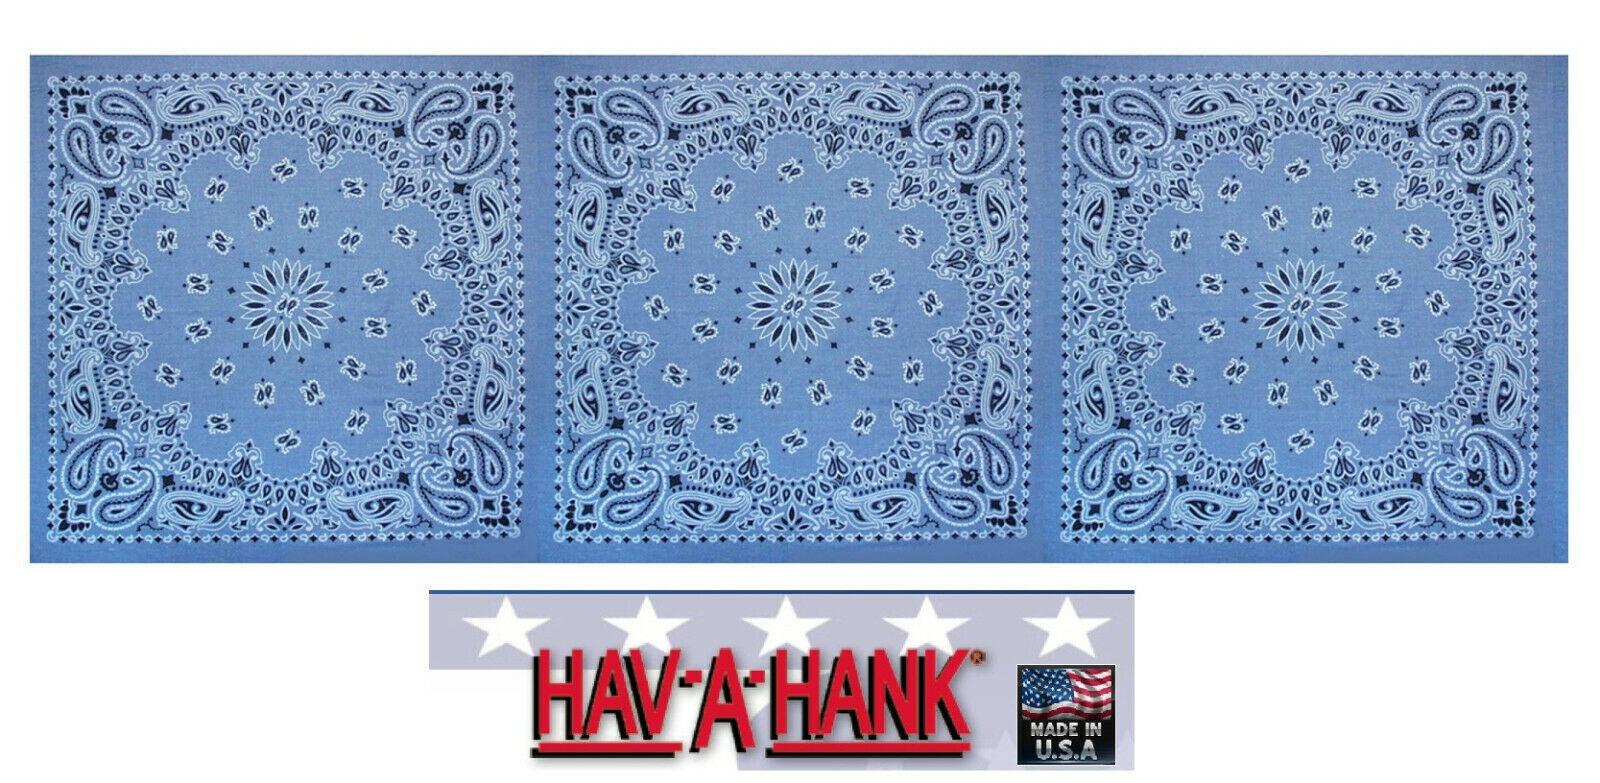 USA MADE HAV-A-HANK PAISLEY BANDANA HEAD Neck Wrap Hanky Scarve Handkerchief Cap